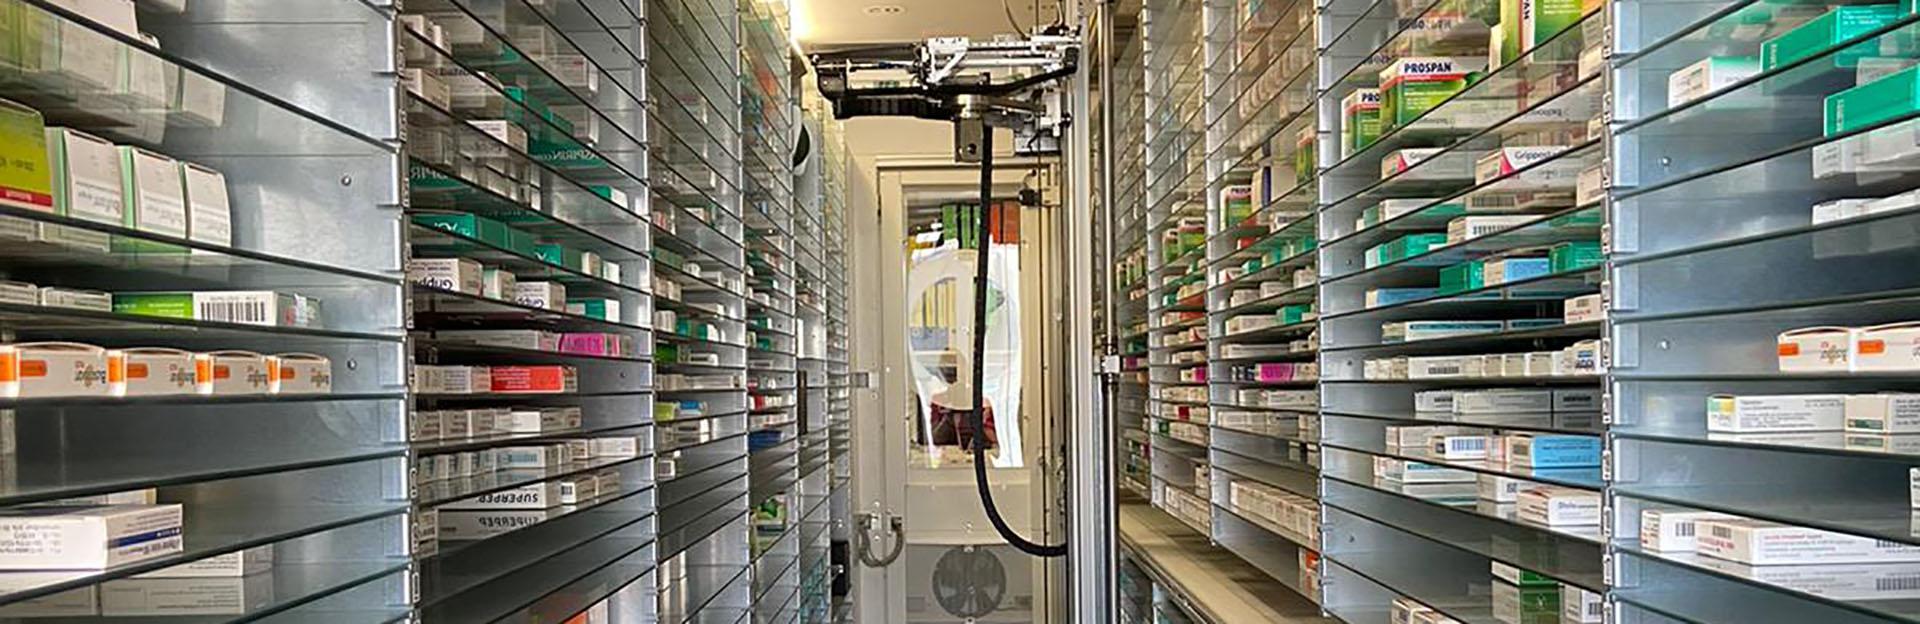 lagerautomat